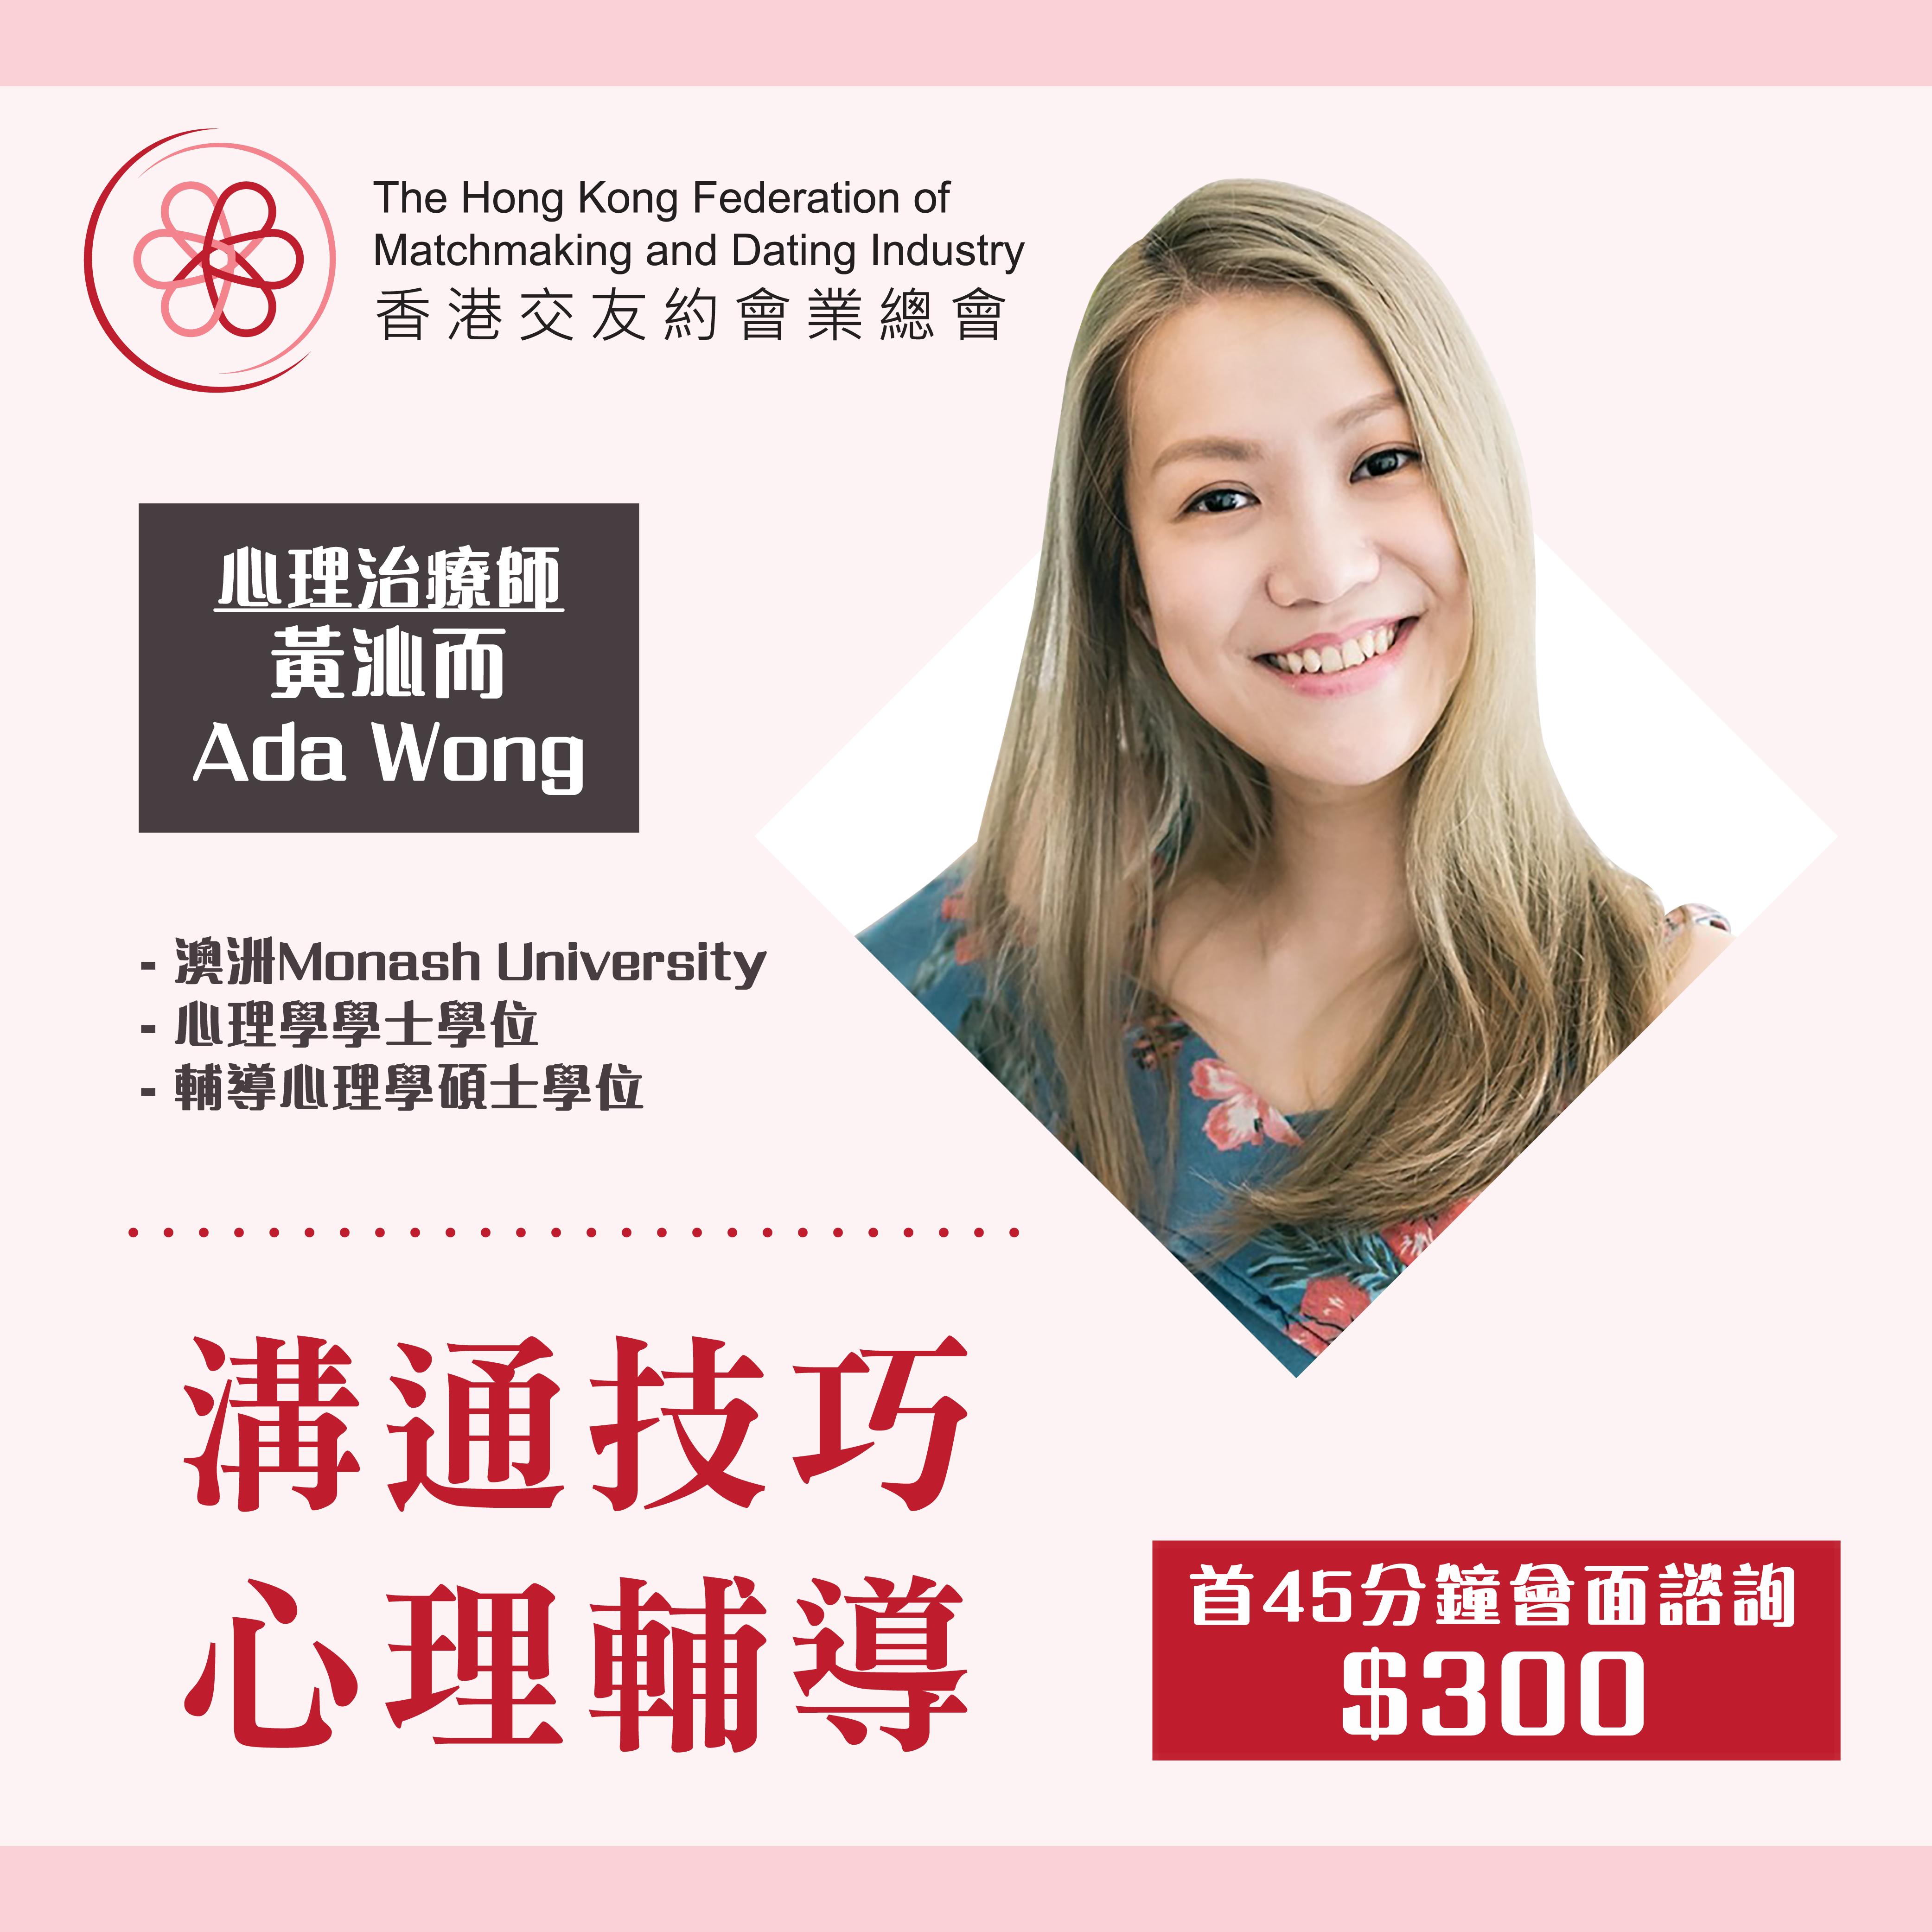 黃沁而 Ada Wong 香港交友約會業總會 Hong Kong Speed Dating Federation - Speed Dating , 一對一約會, 單對單約會, 約會行業, 約會配對